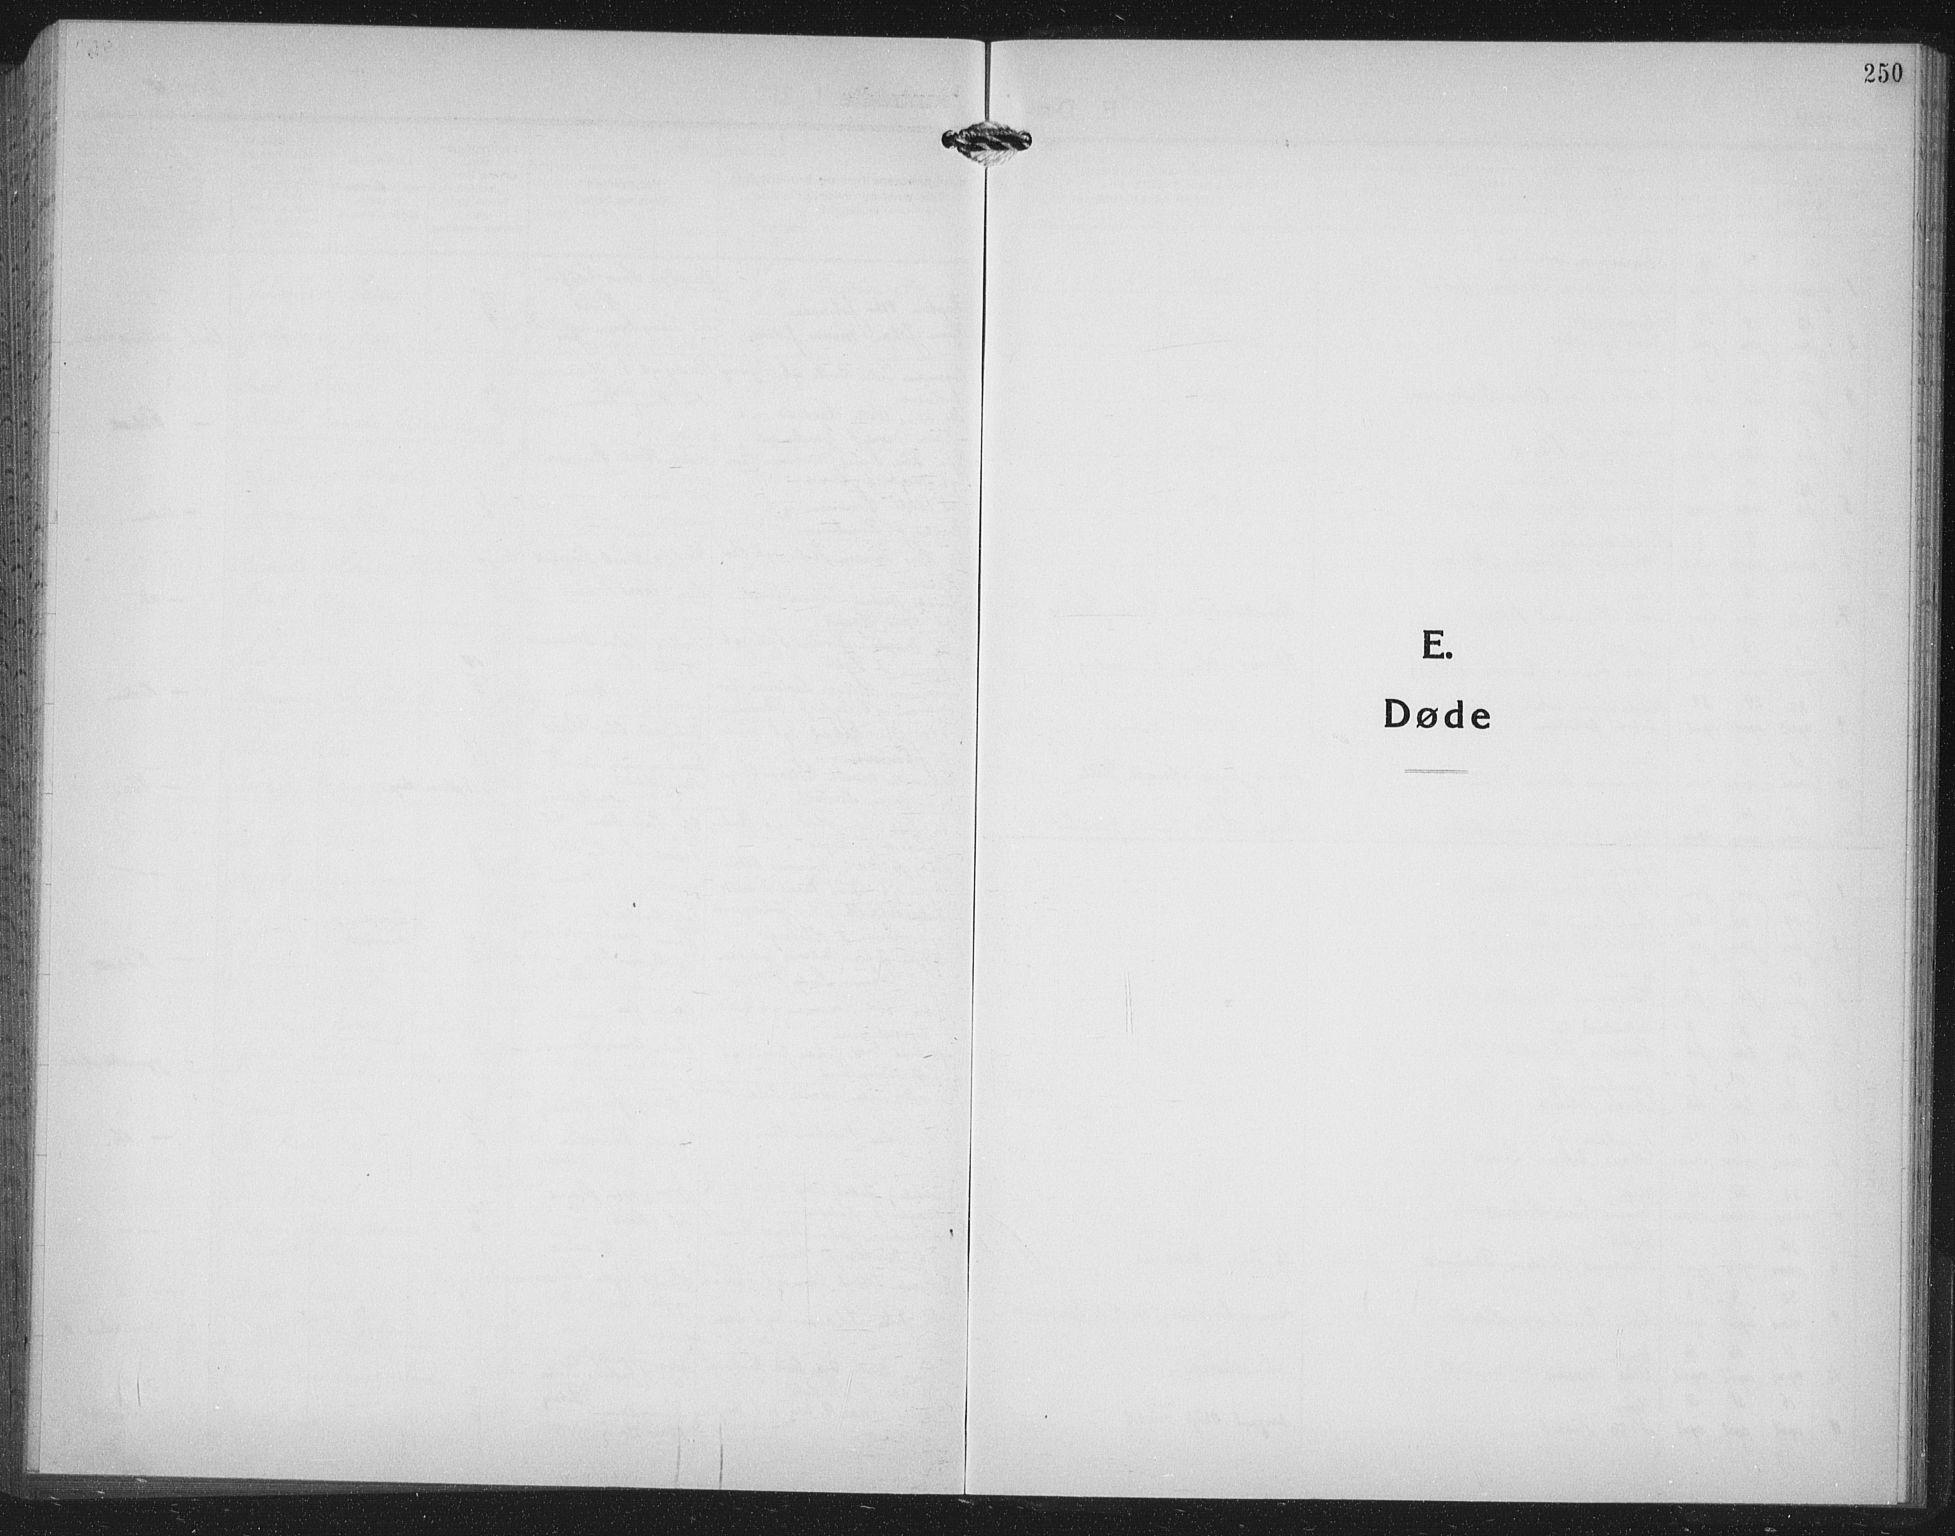 SAT, Ministerialprotokoller, klokkerbøker og fødselsregistre - Møre og Romsdal, 558/L0704: Klokkerbok nr. 558C05, 1921-1942, s. 250